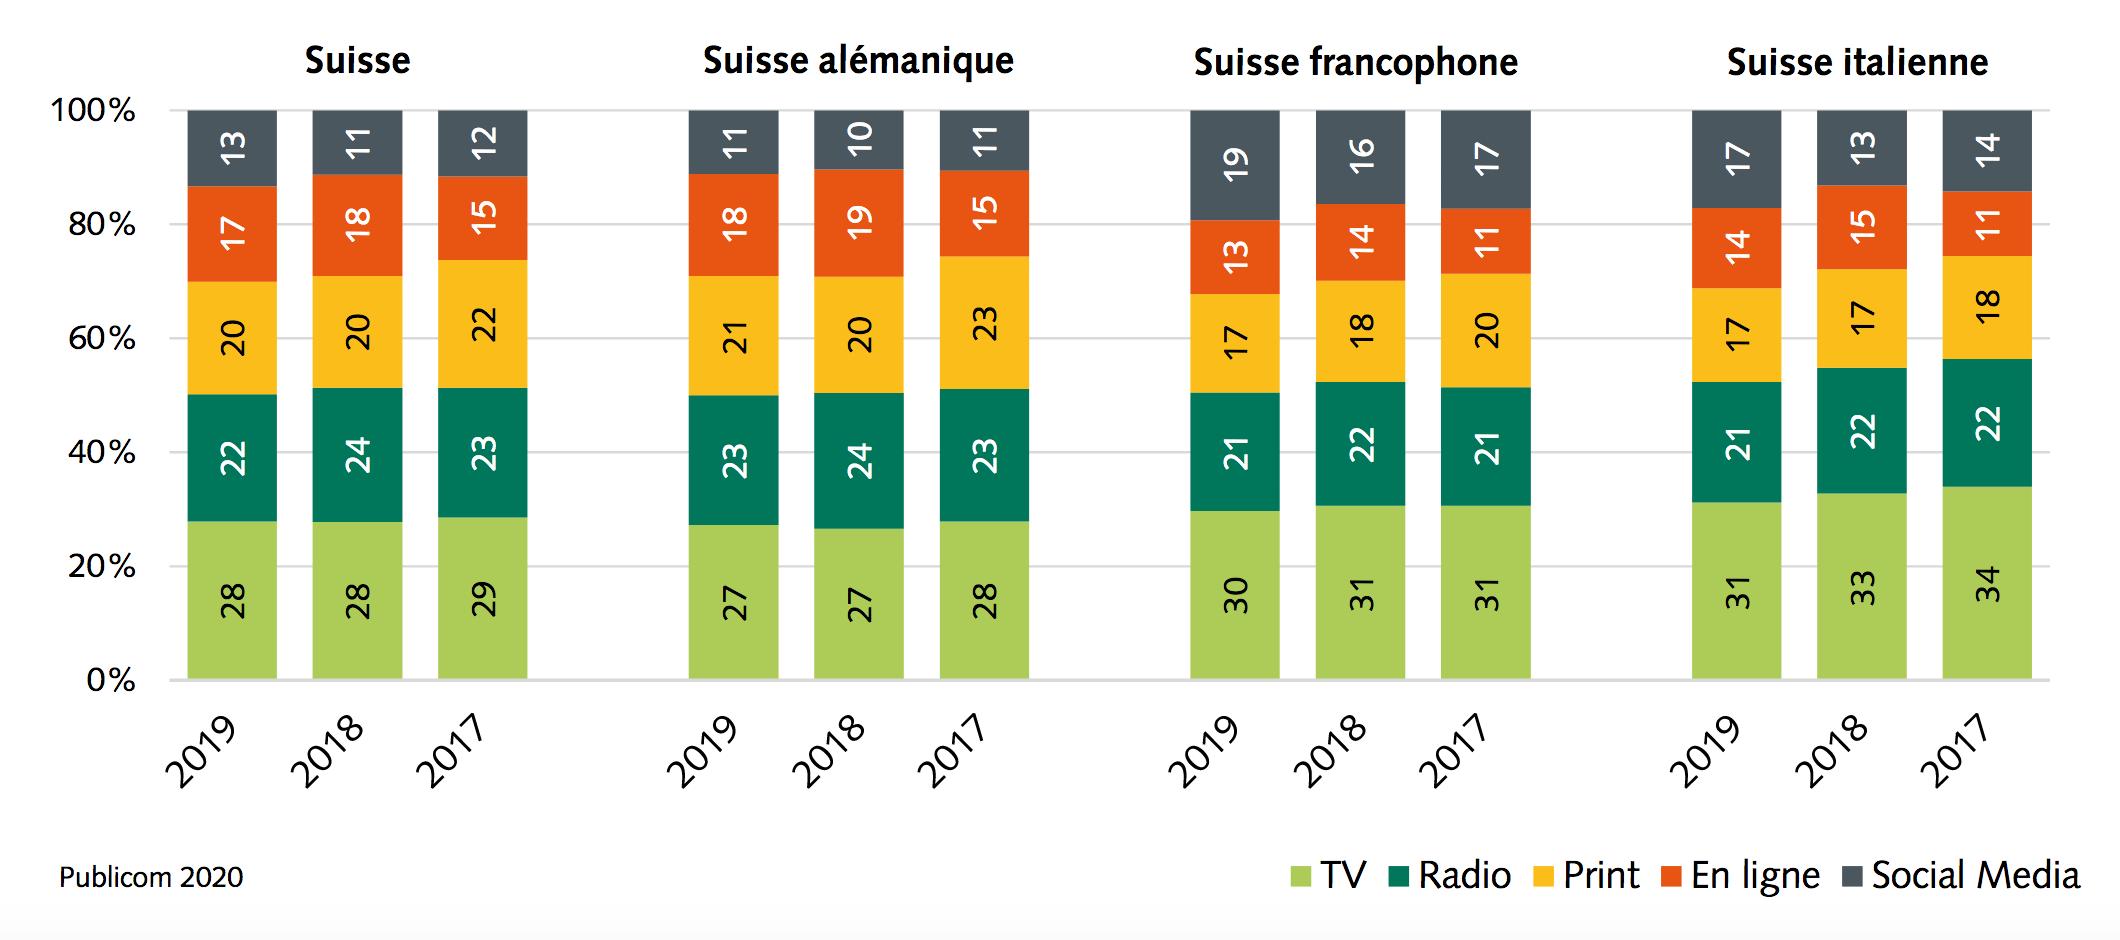 influence sur l'opinion des médias sociaux comparée aux autres types et aux annéesprécédentes–Suisse et régions linguistiques